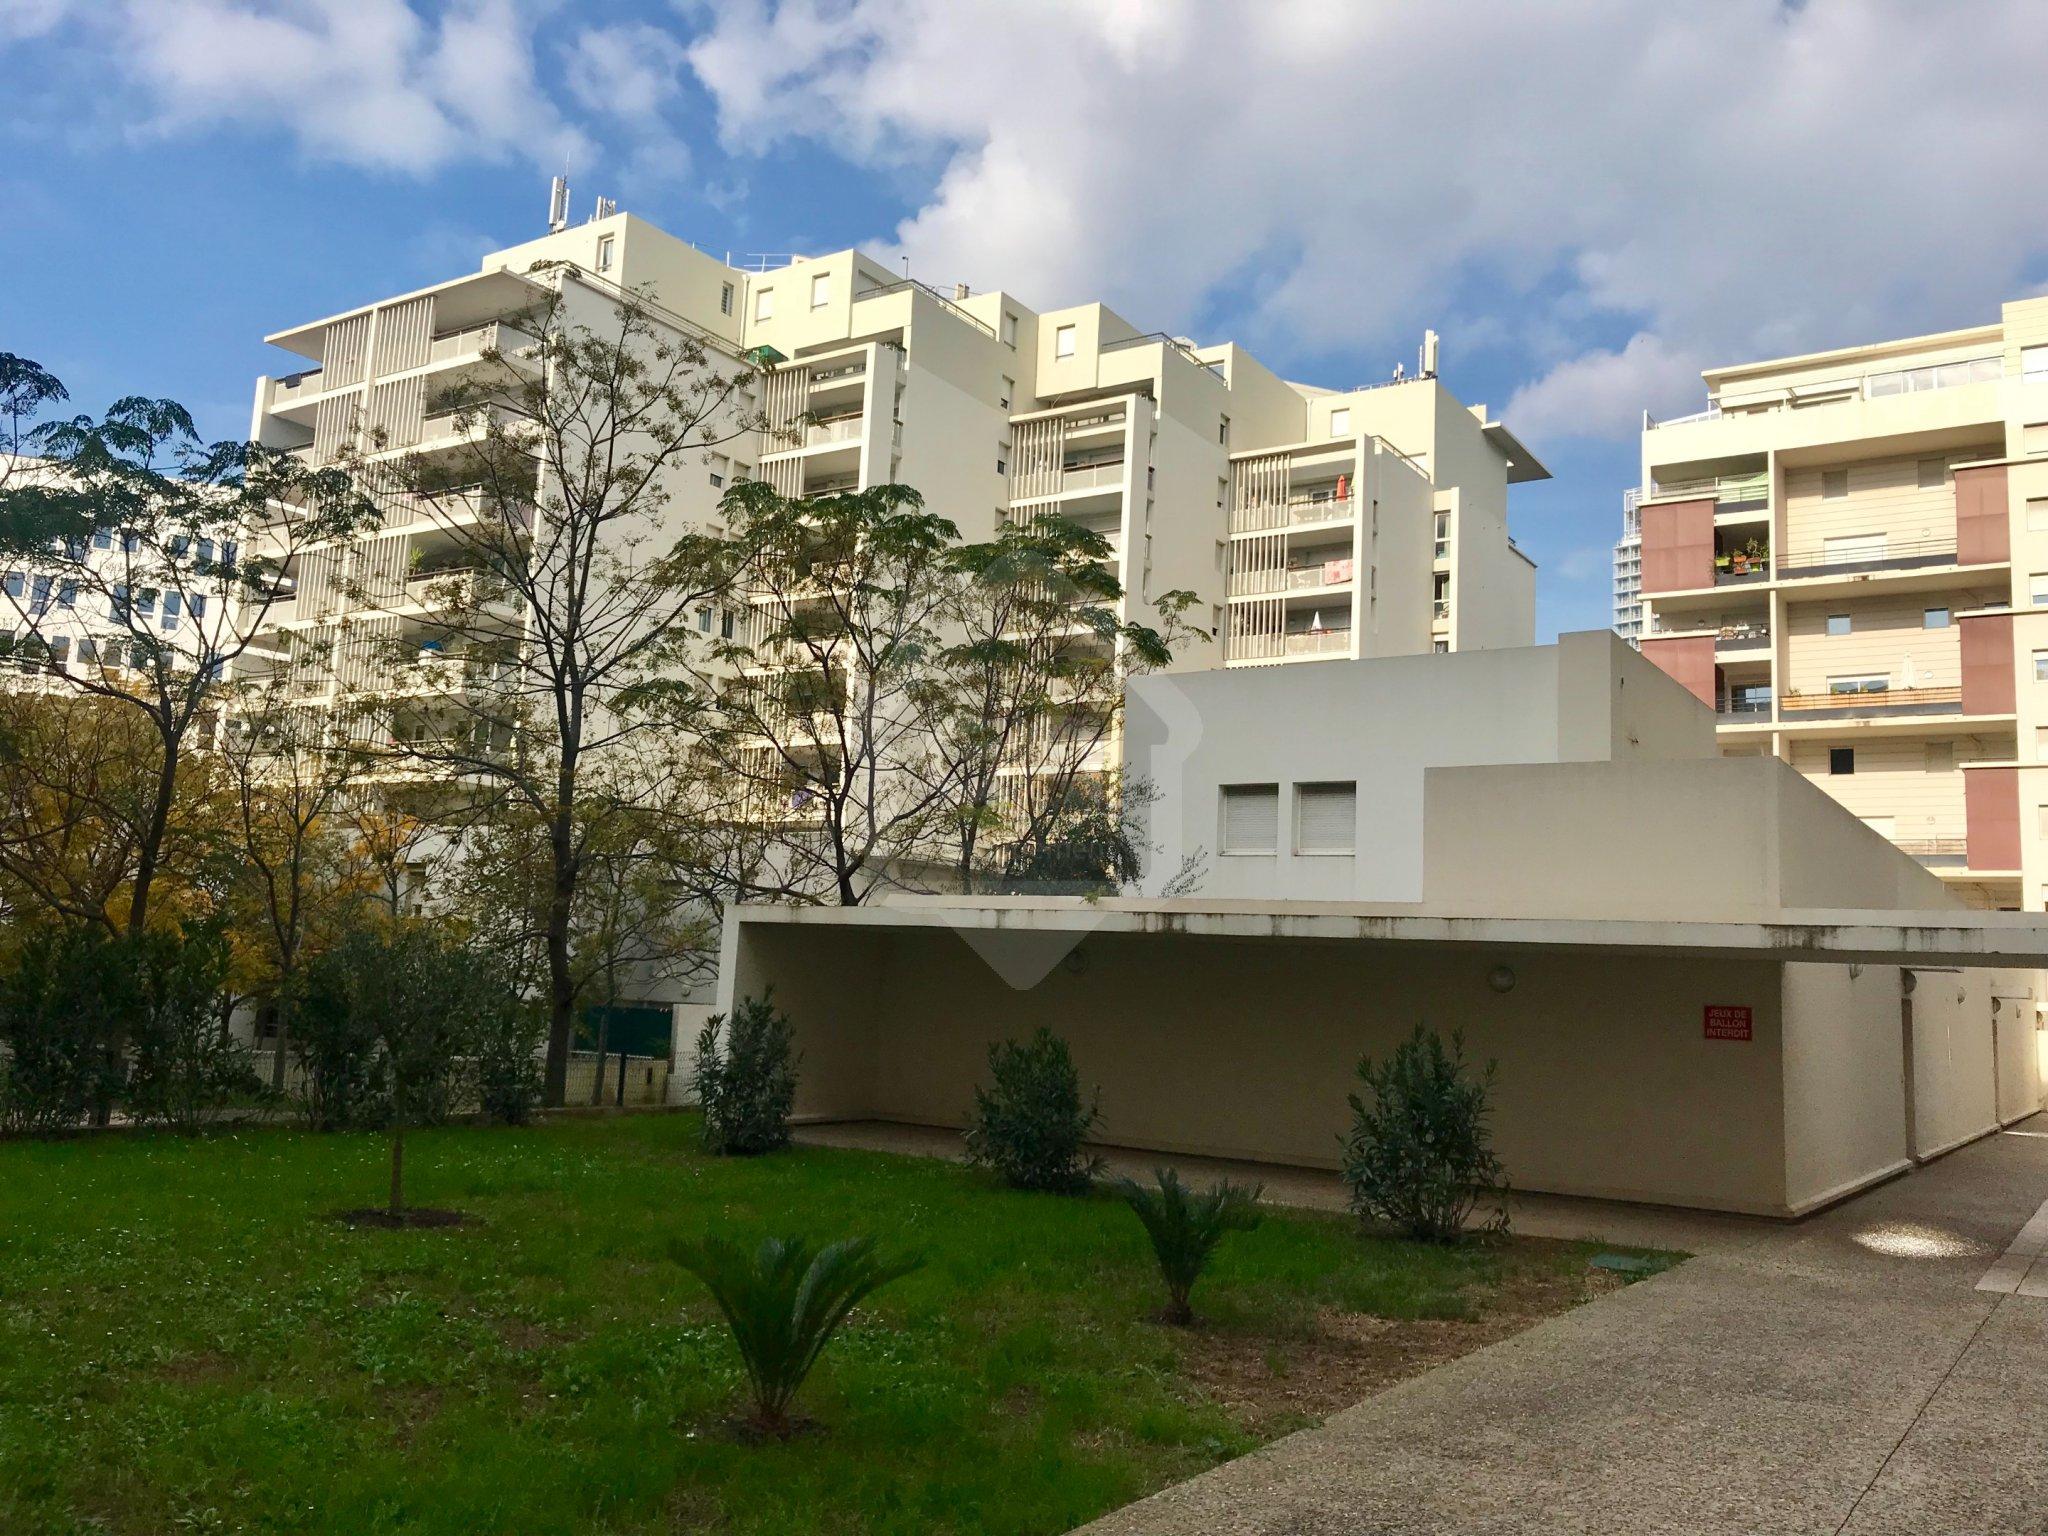 Location T3 Meublé Terrasses - Les Docks - Marseille 13002 à Dock Du Meuble